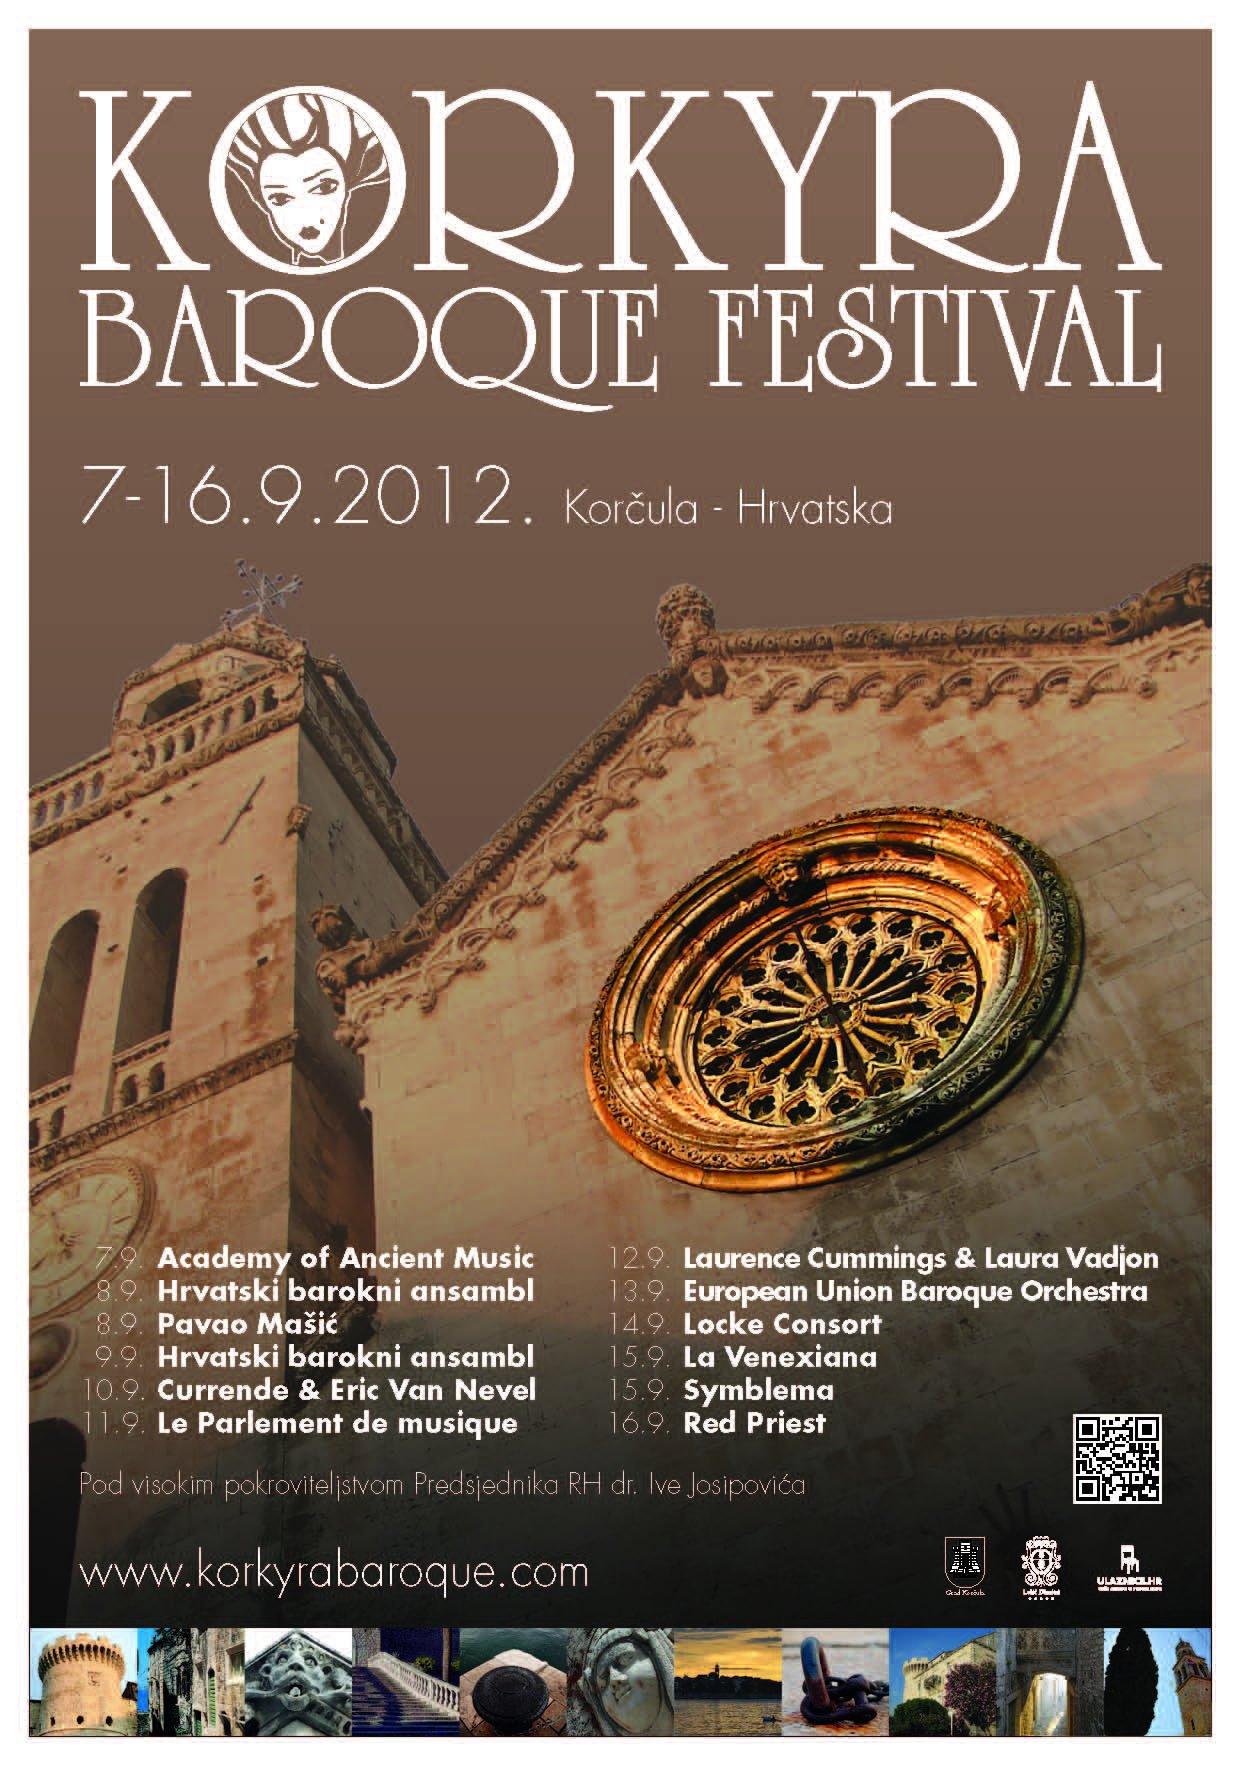 Korkyra Baroque Festival 2012